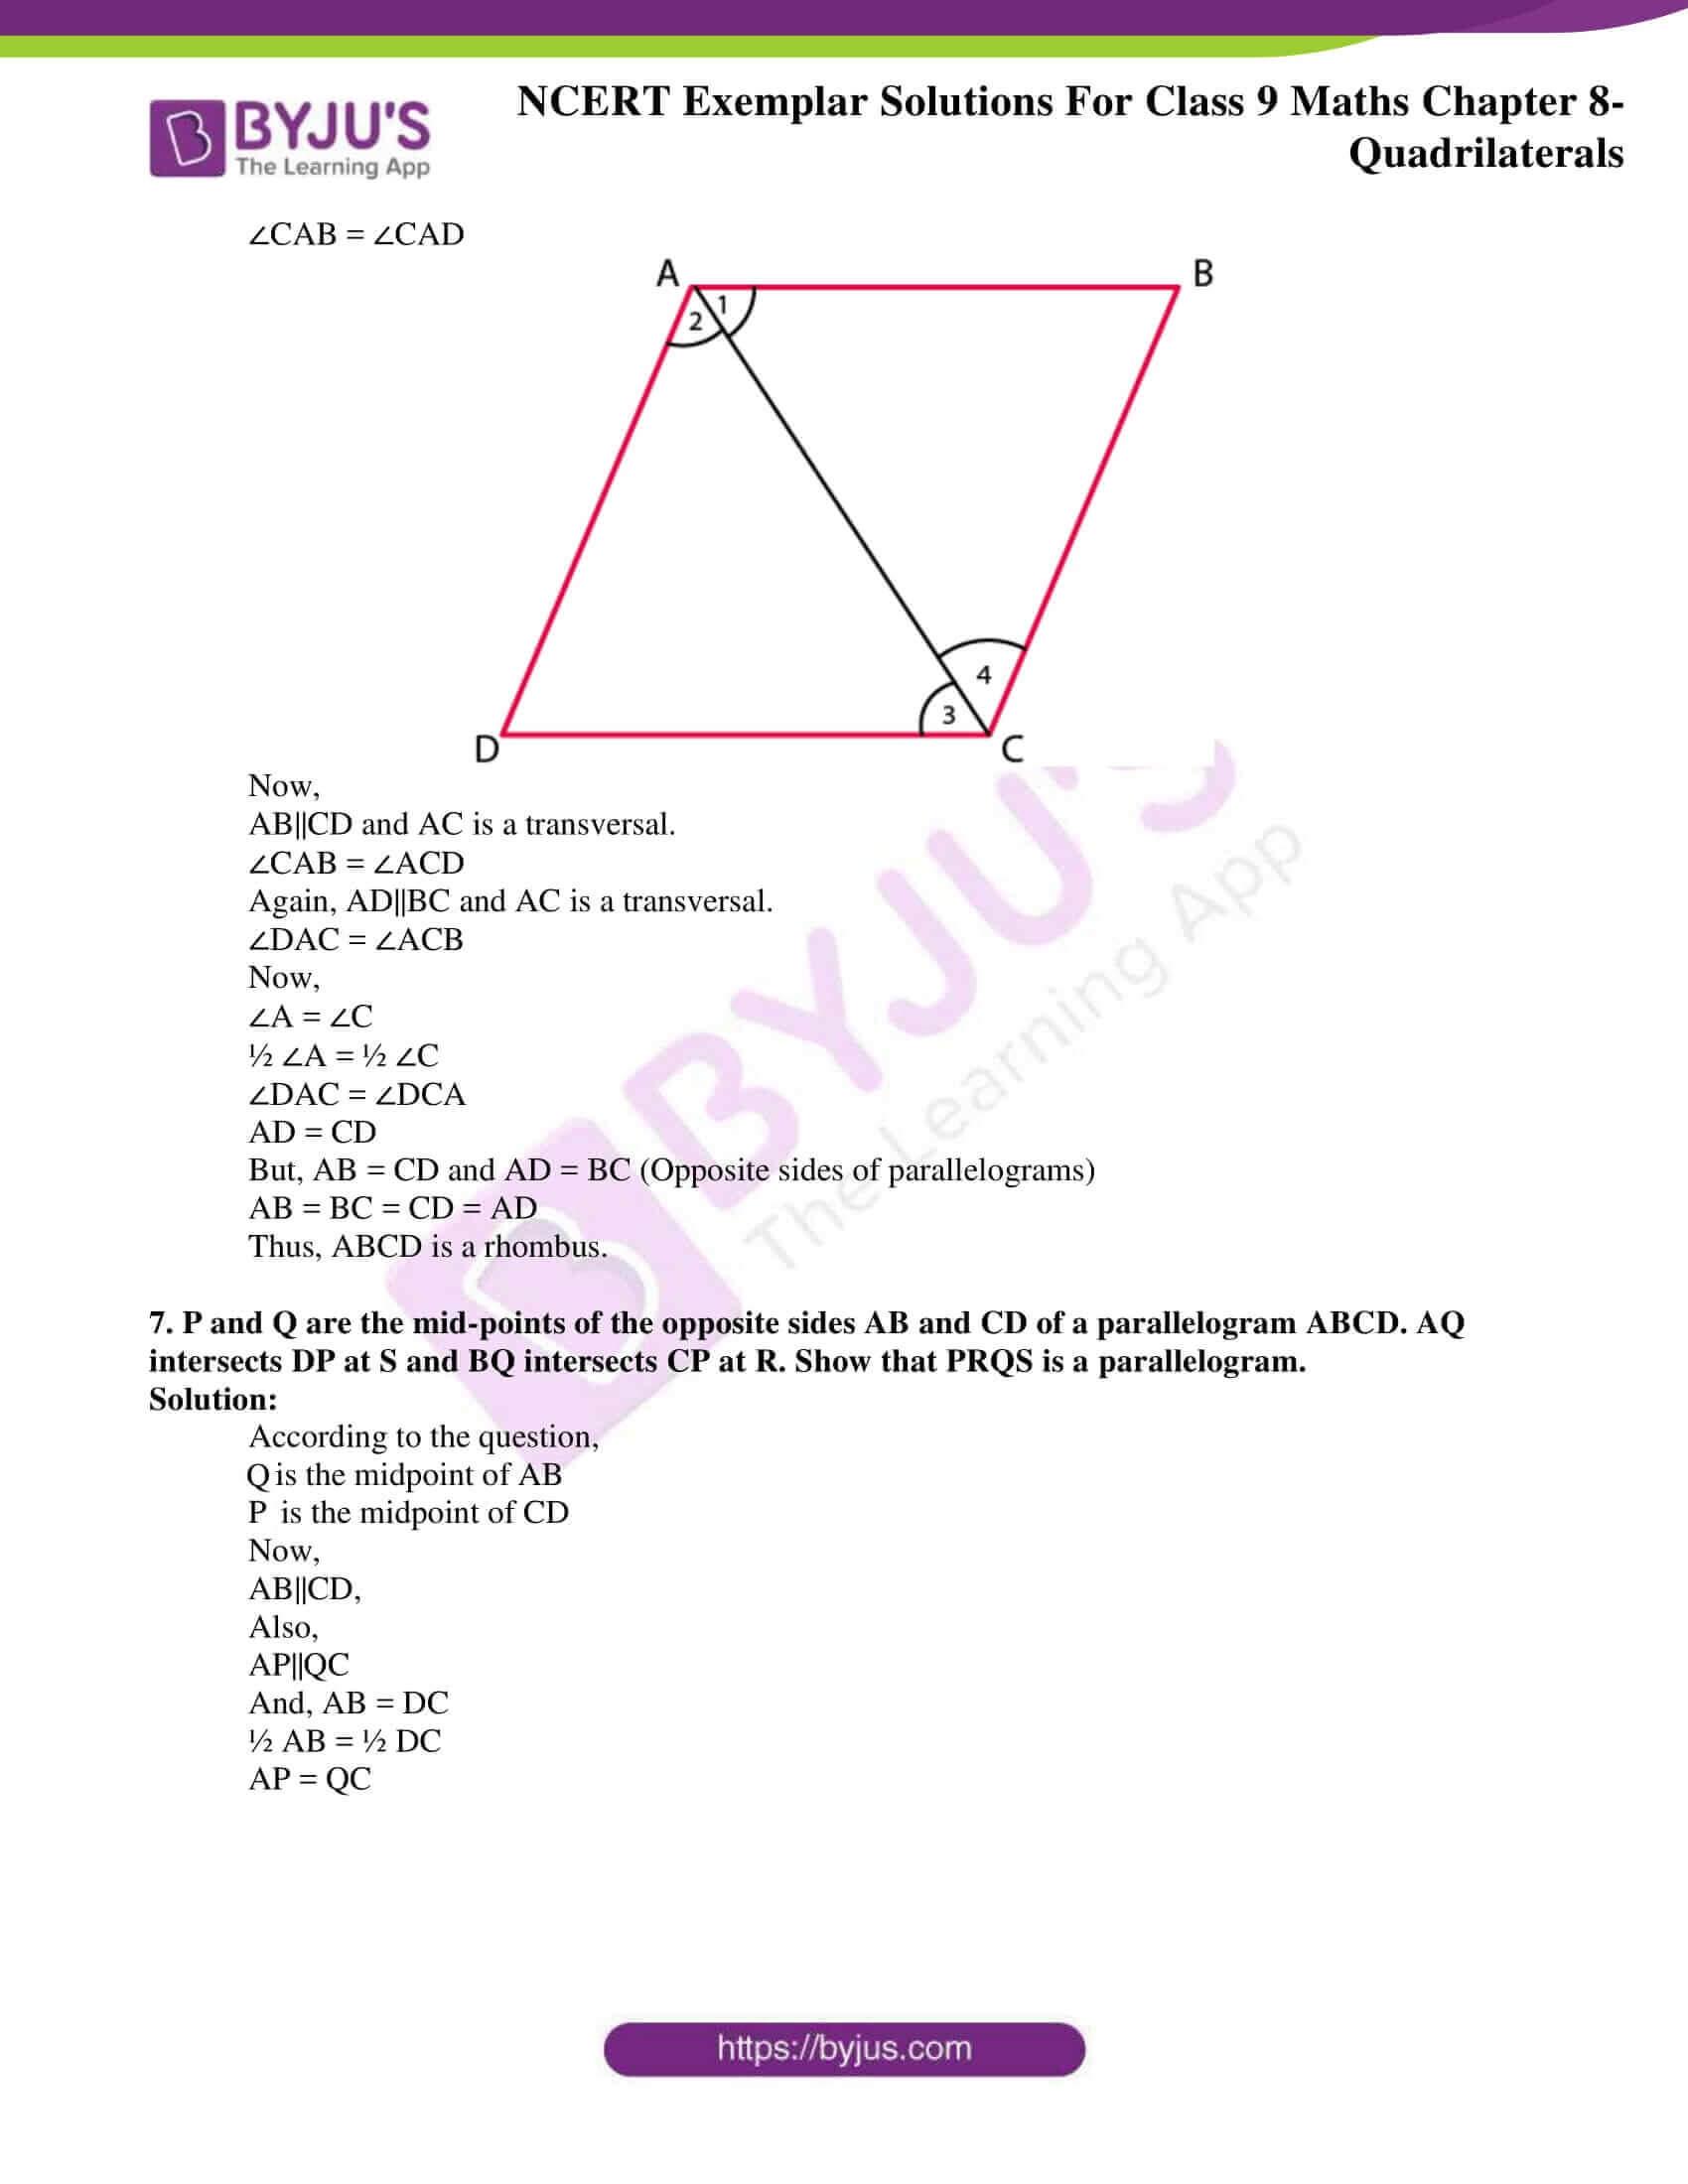 ncert exemplar solution class 9 maths chapter 8